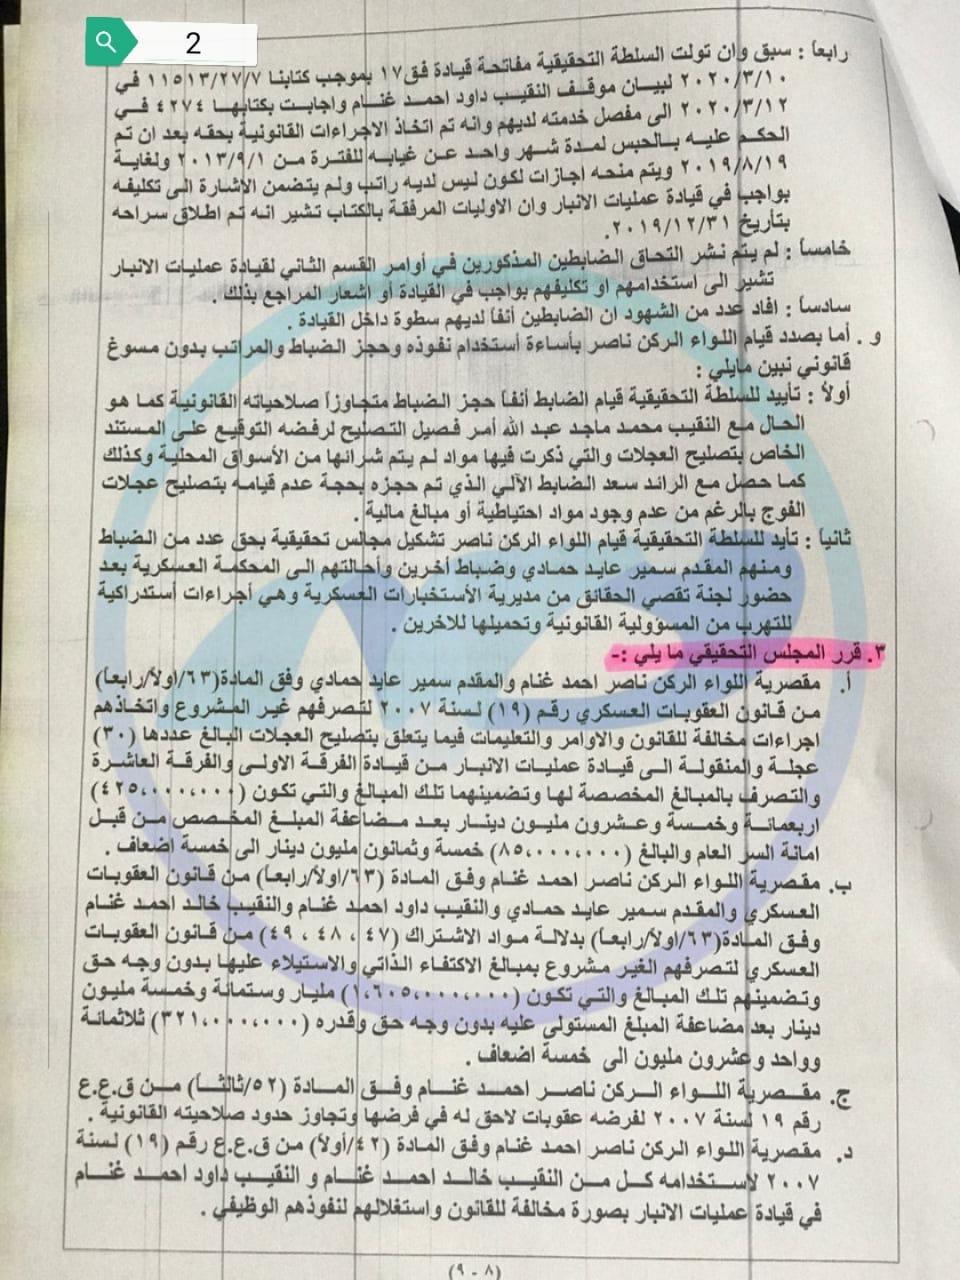 بالوثائق .. ناصر الغنام يستحوذ على التصاريح المالية لقيادة عمليات الانبار